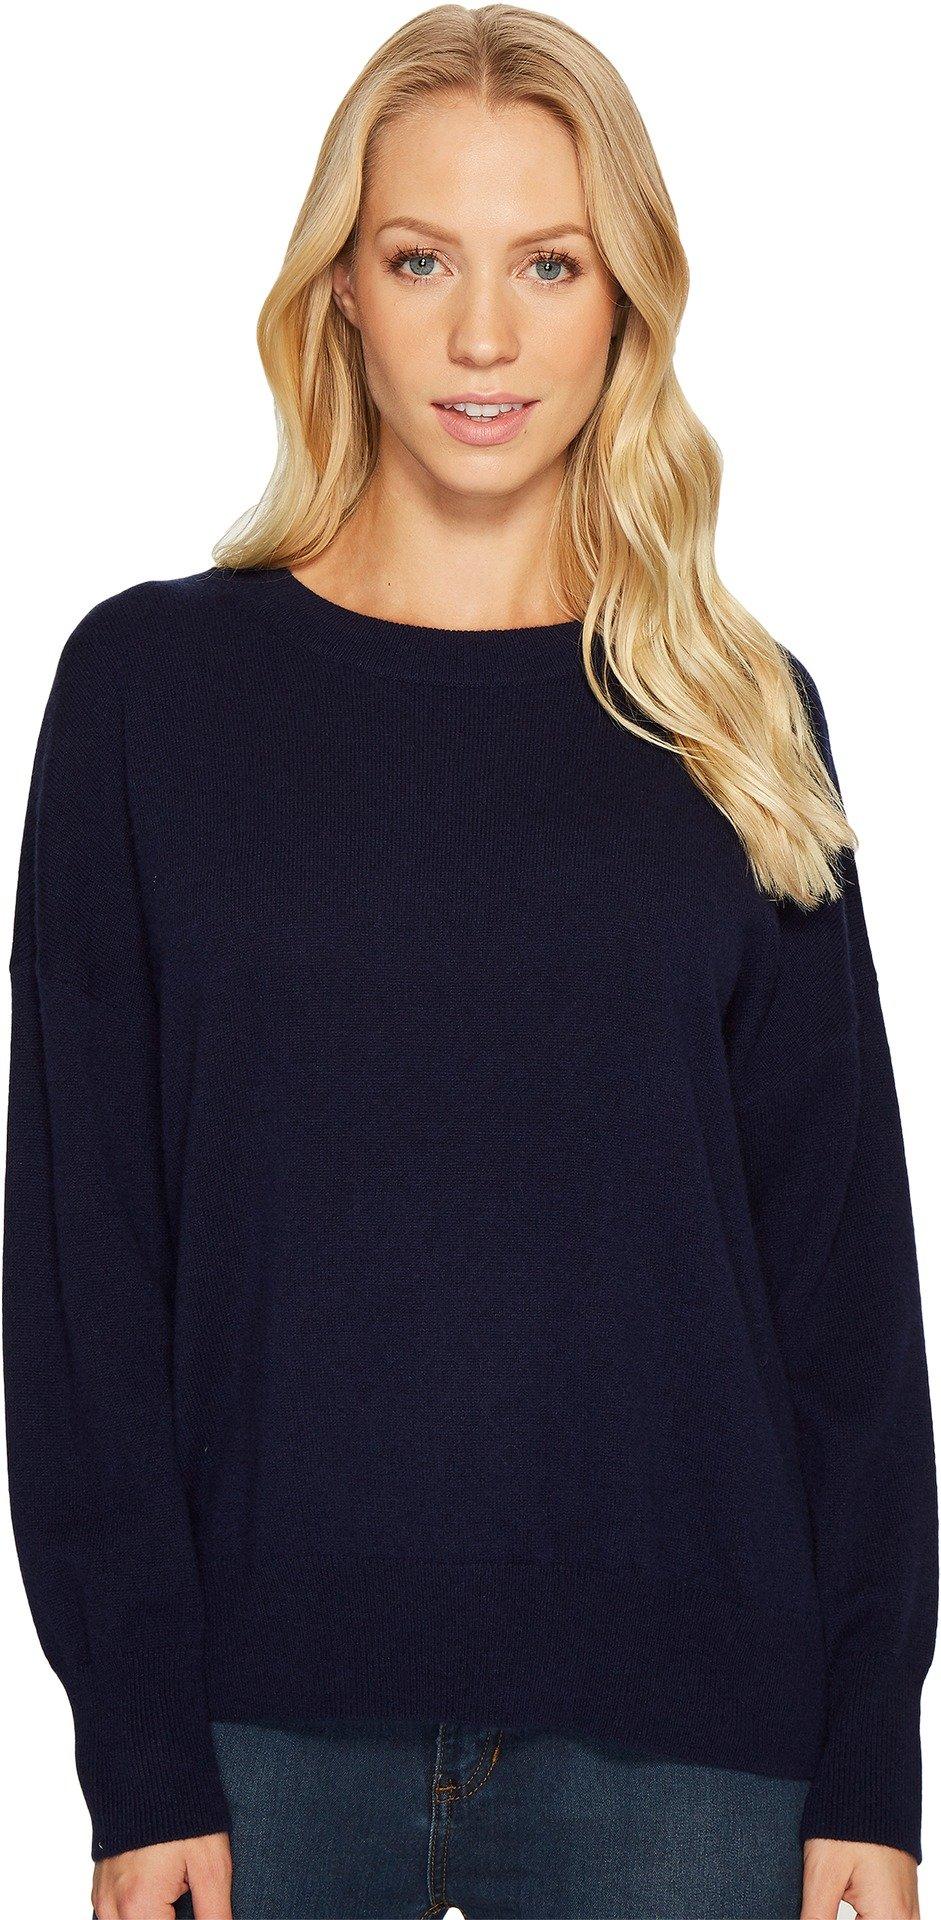 EQUIPMENT Women's Melanie Top Peacoat Shirt by Equipment (Image #1)